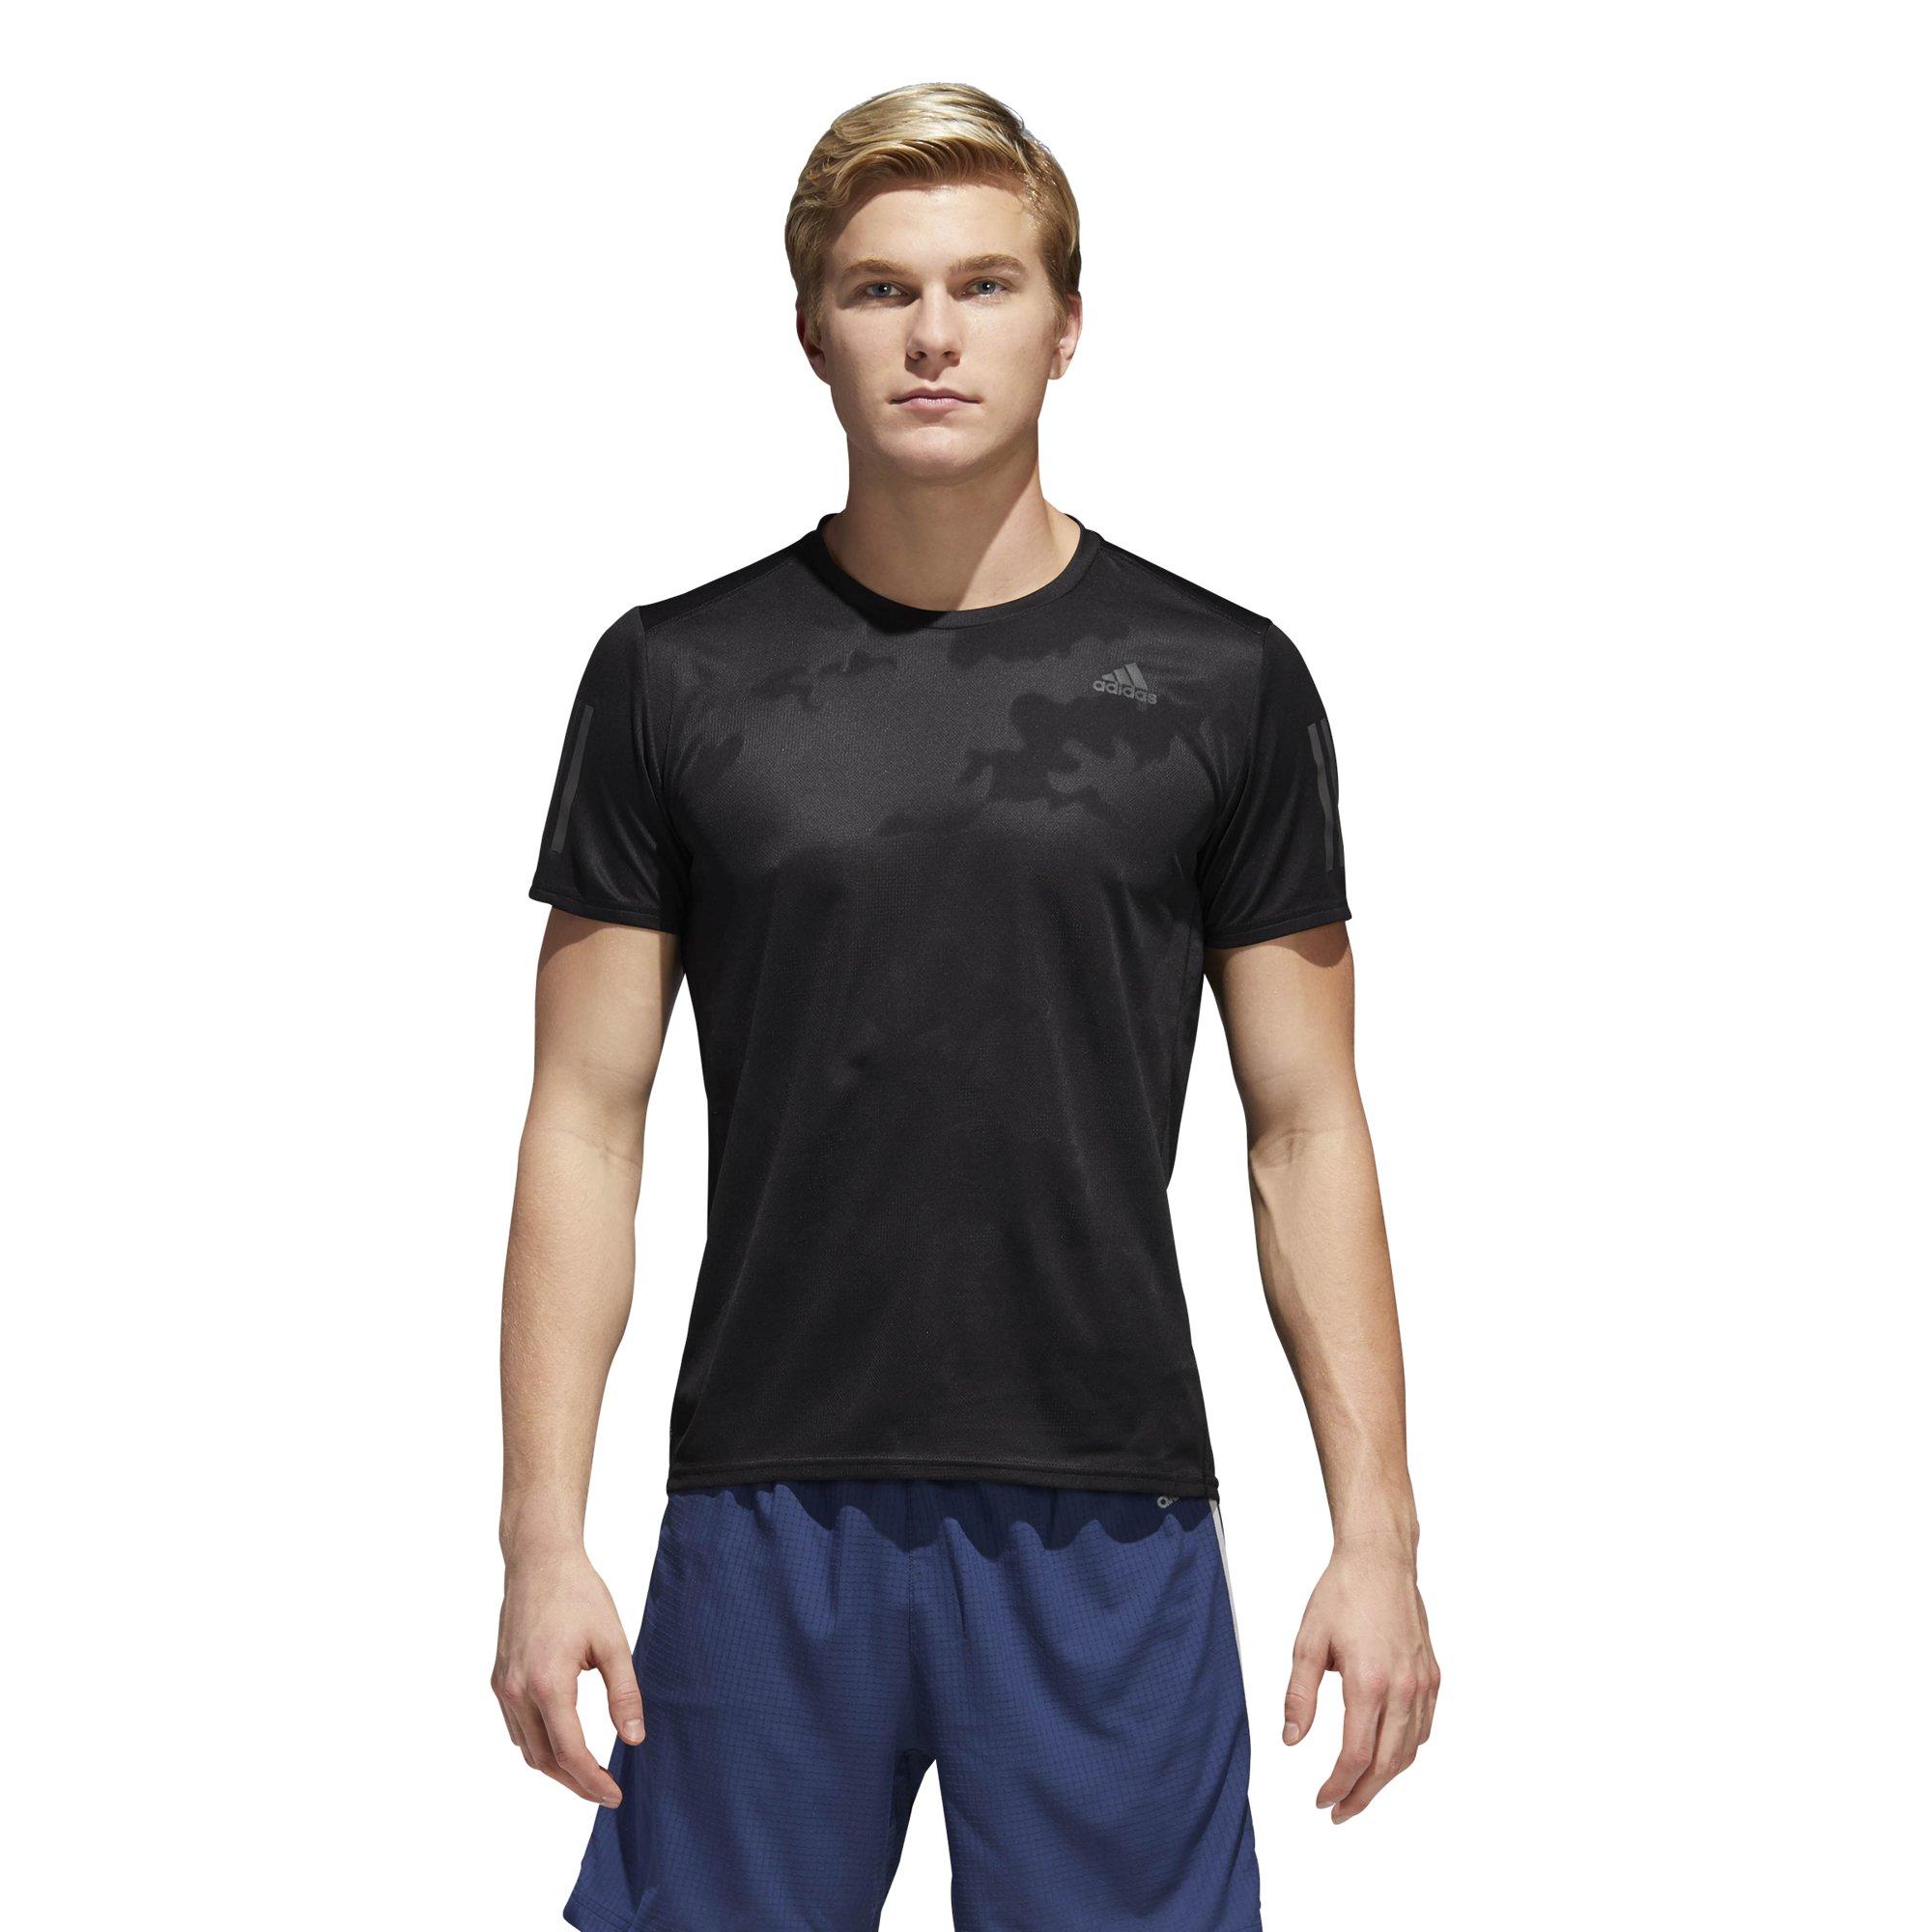 adidas Men's Running Response Short Sleeve